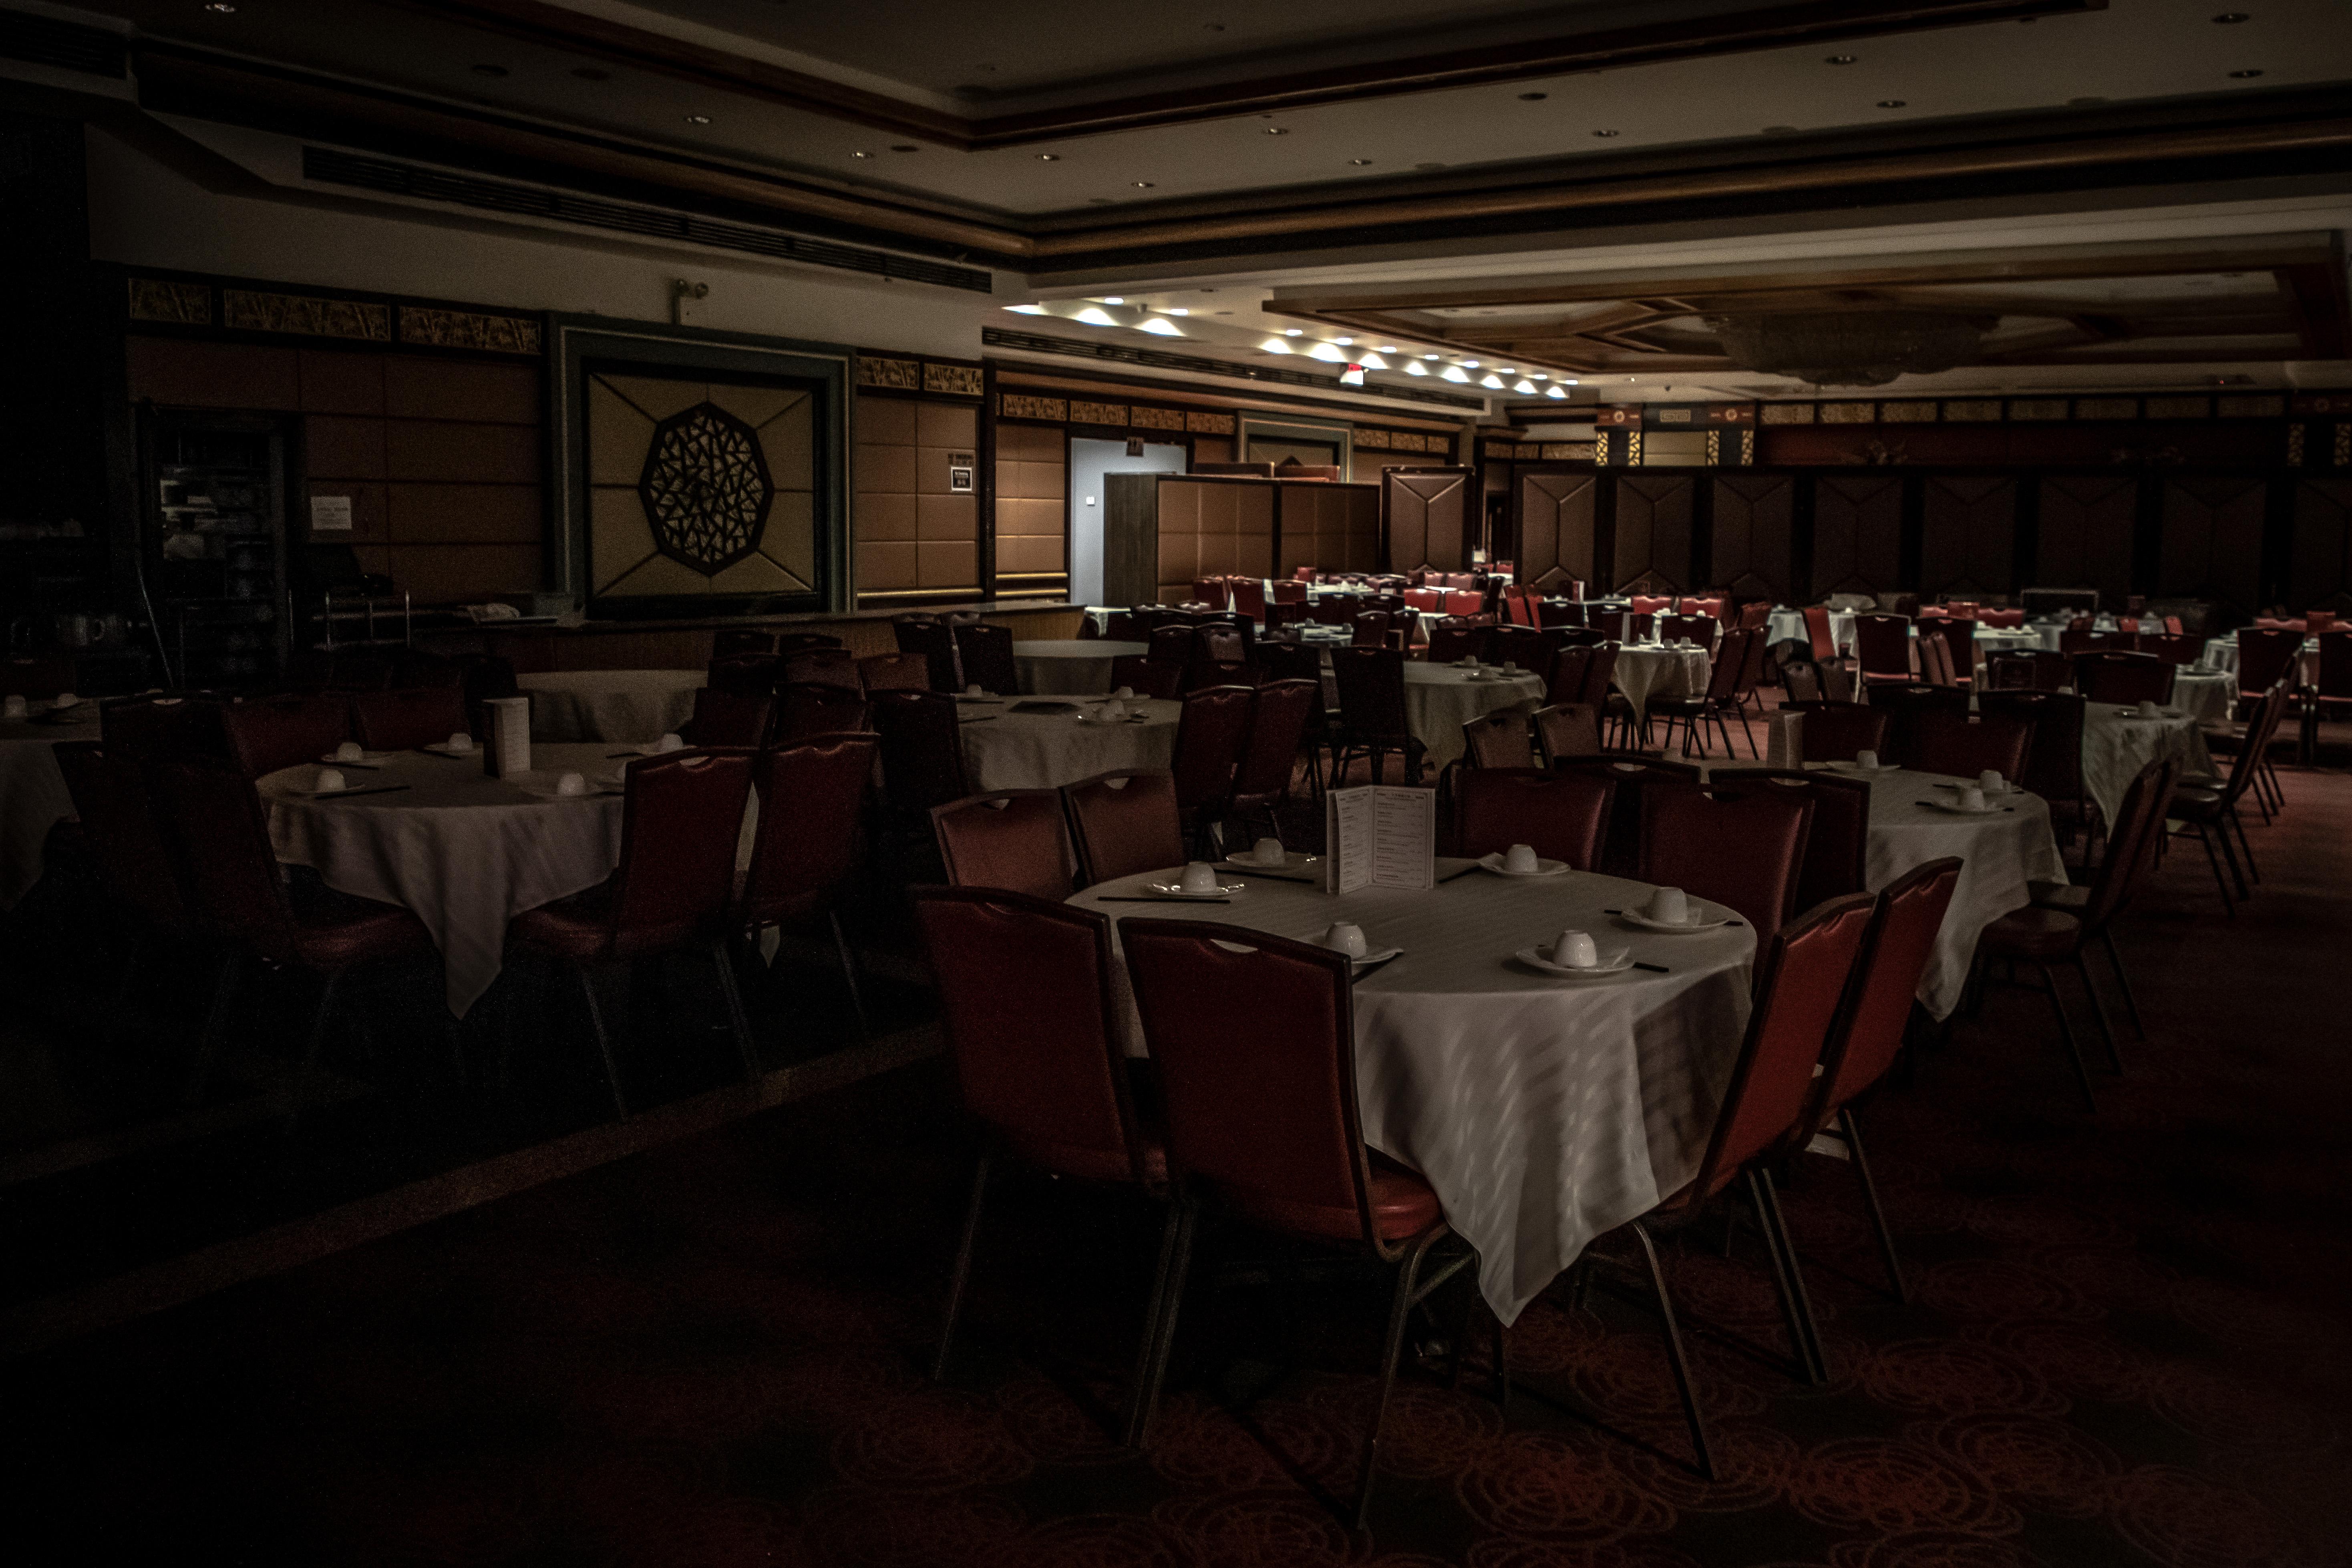 A darkened dining room